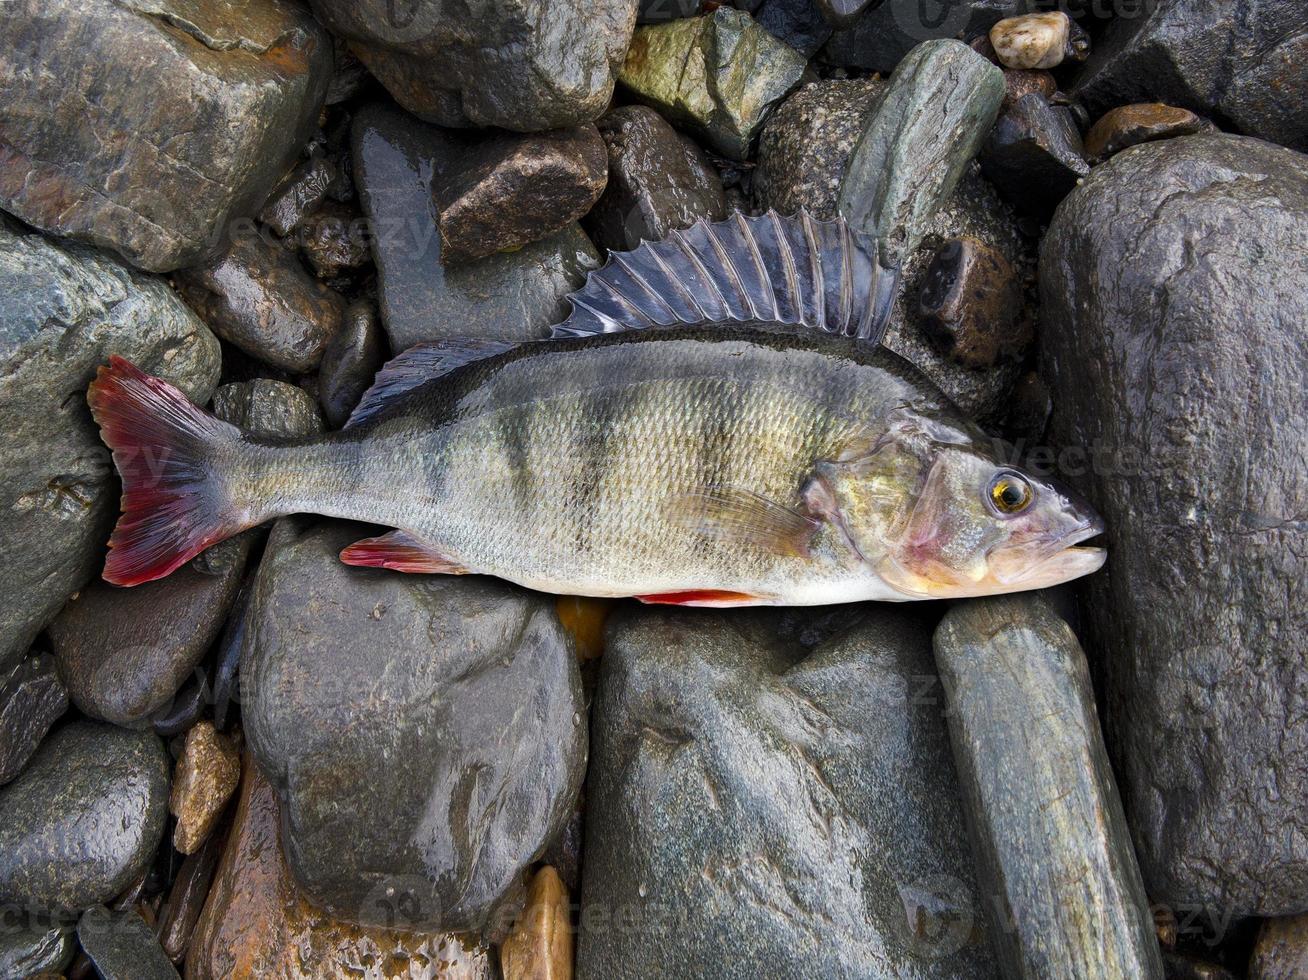 perch, bass, freshwater fish photo